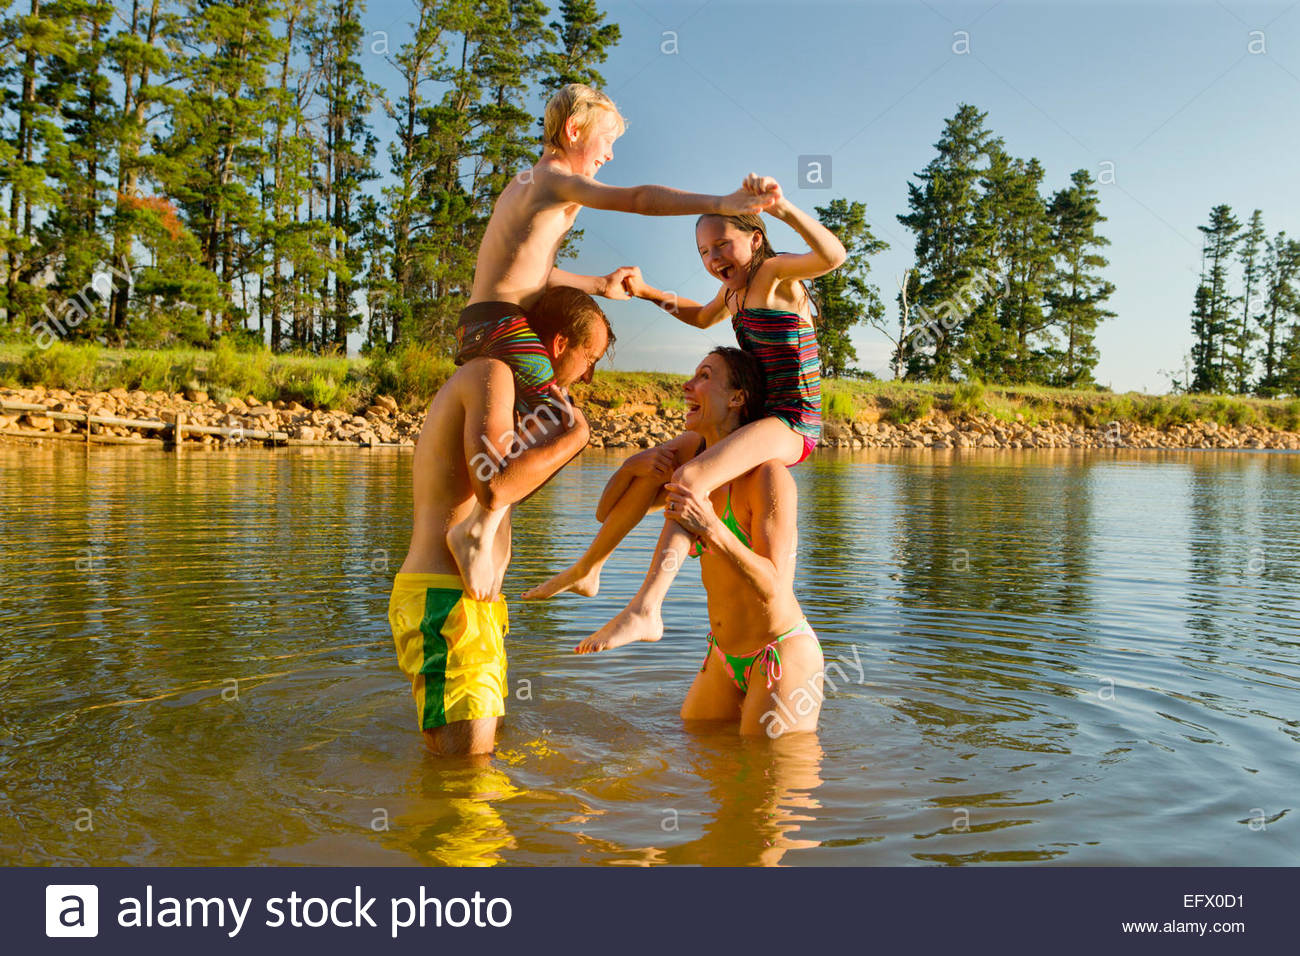 Felice coppia con bambini sulle spalle, avente acqua lotta nel lago Immagini Stock